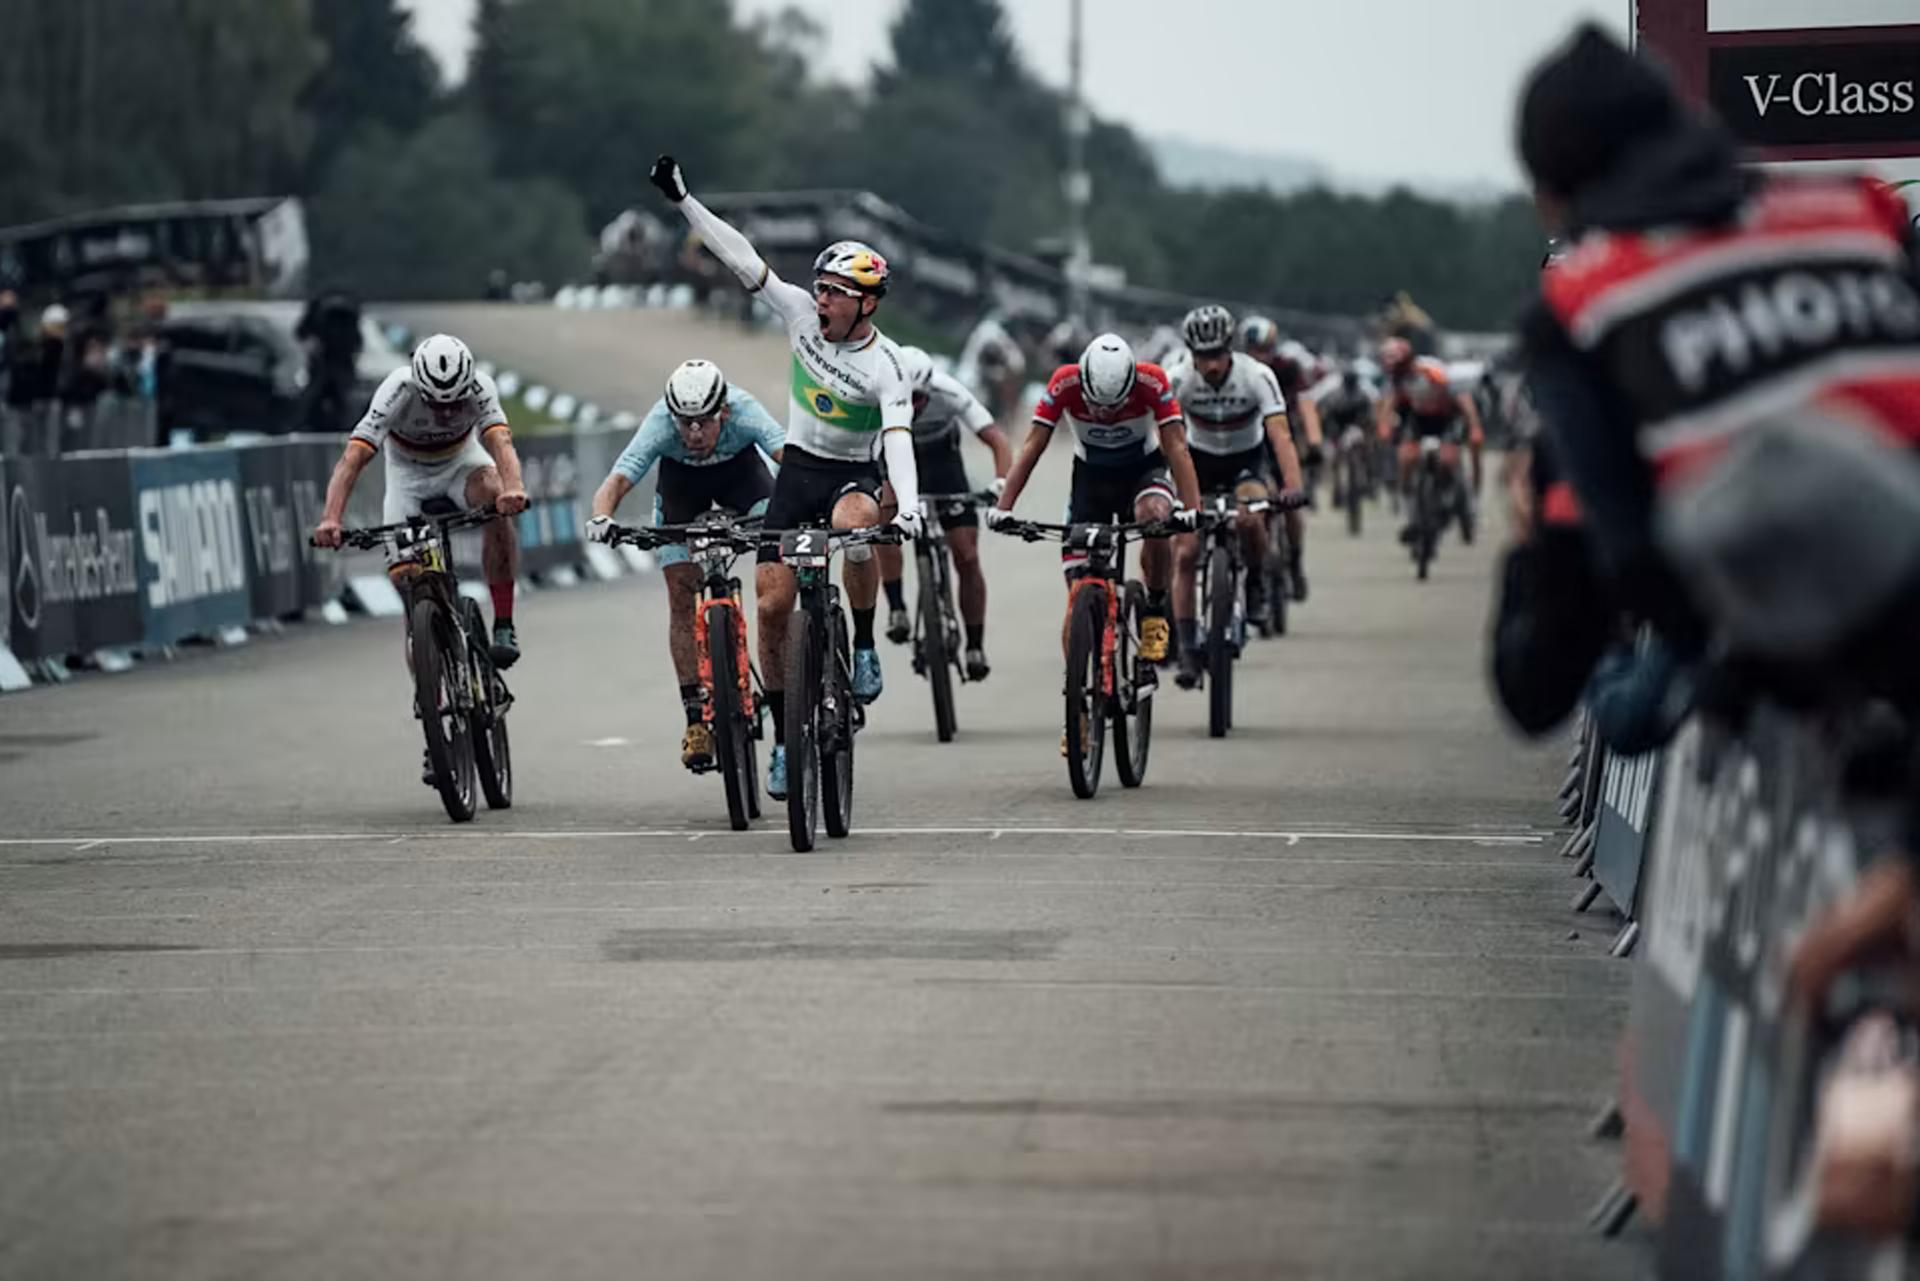 Copa do Mundo de Mountain Bike de 2022 terá etapa no Brasil